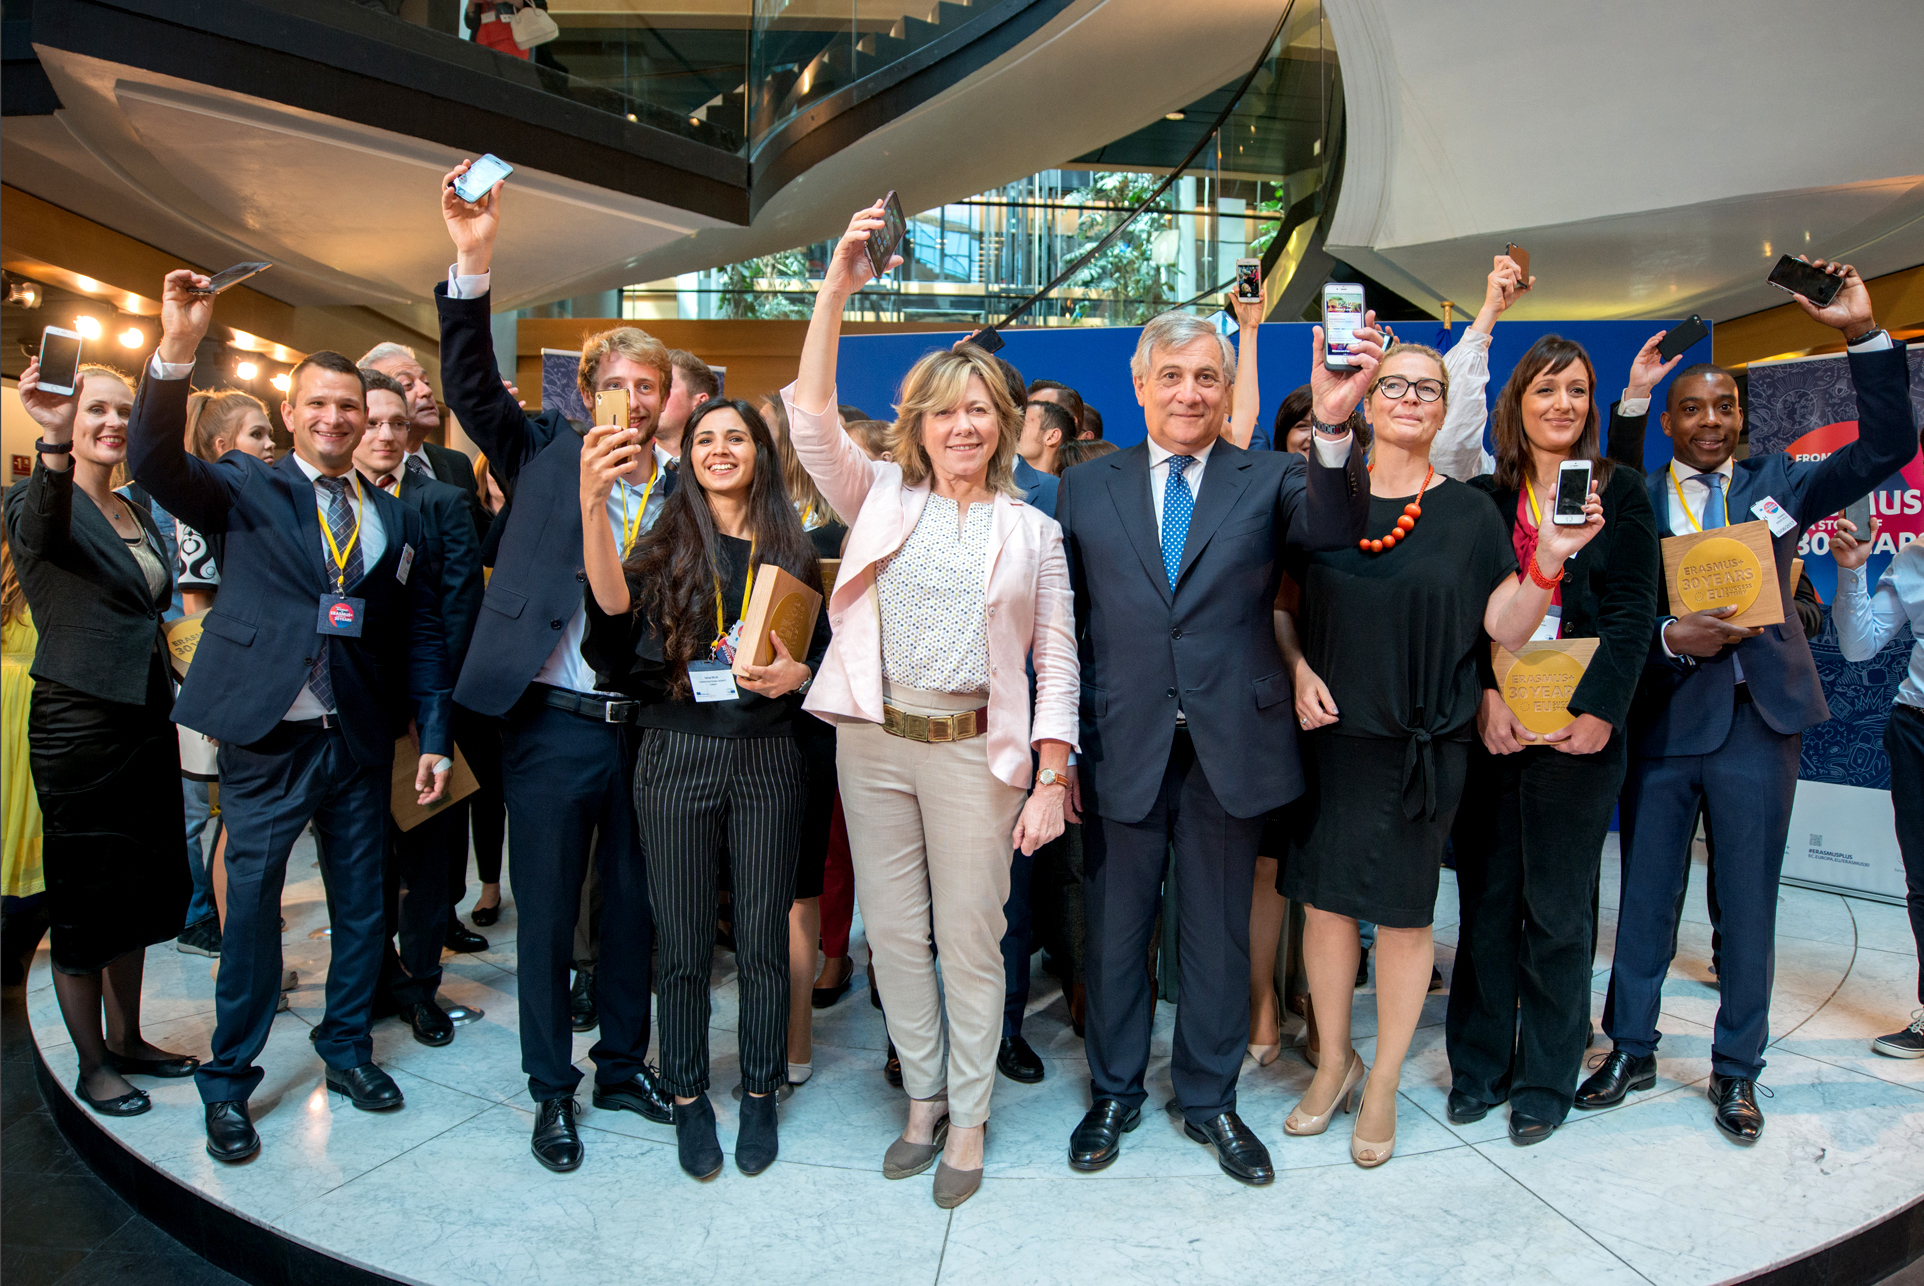 Tajani oggi si chiude l epoca del roaming attualit for Oggi al parlamento